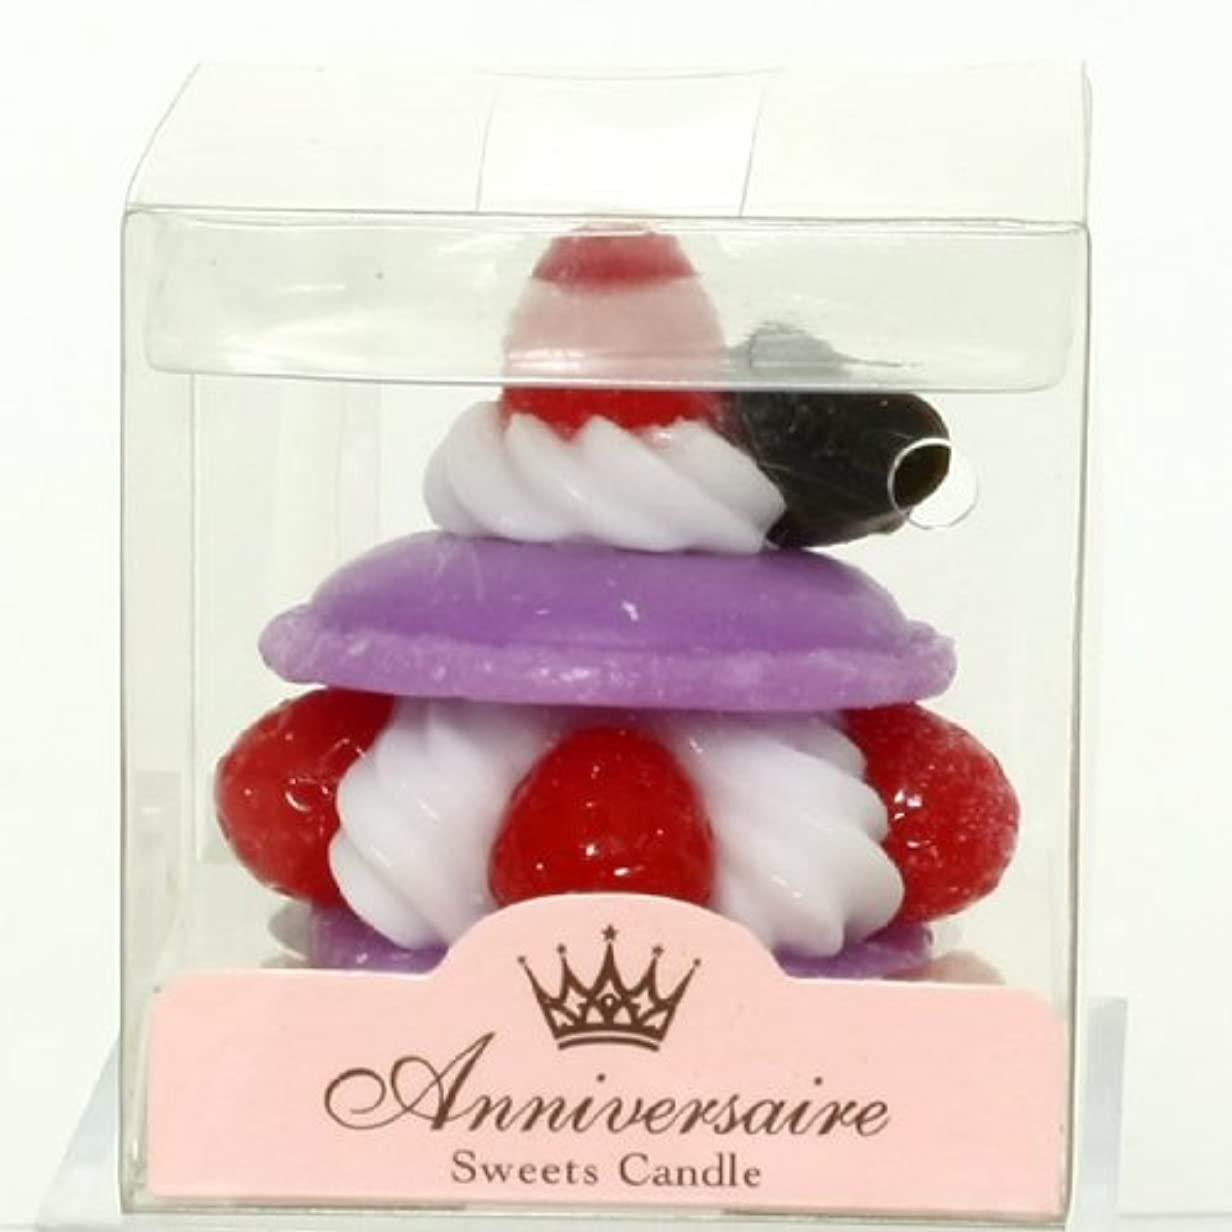 持参ヨーロッパレンディションスイーツキャンドル(sweets candle) マカロンケーキキャンドル【パープル】